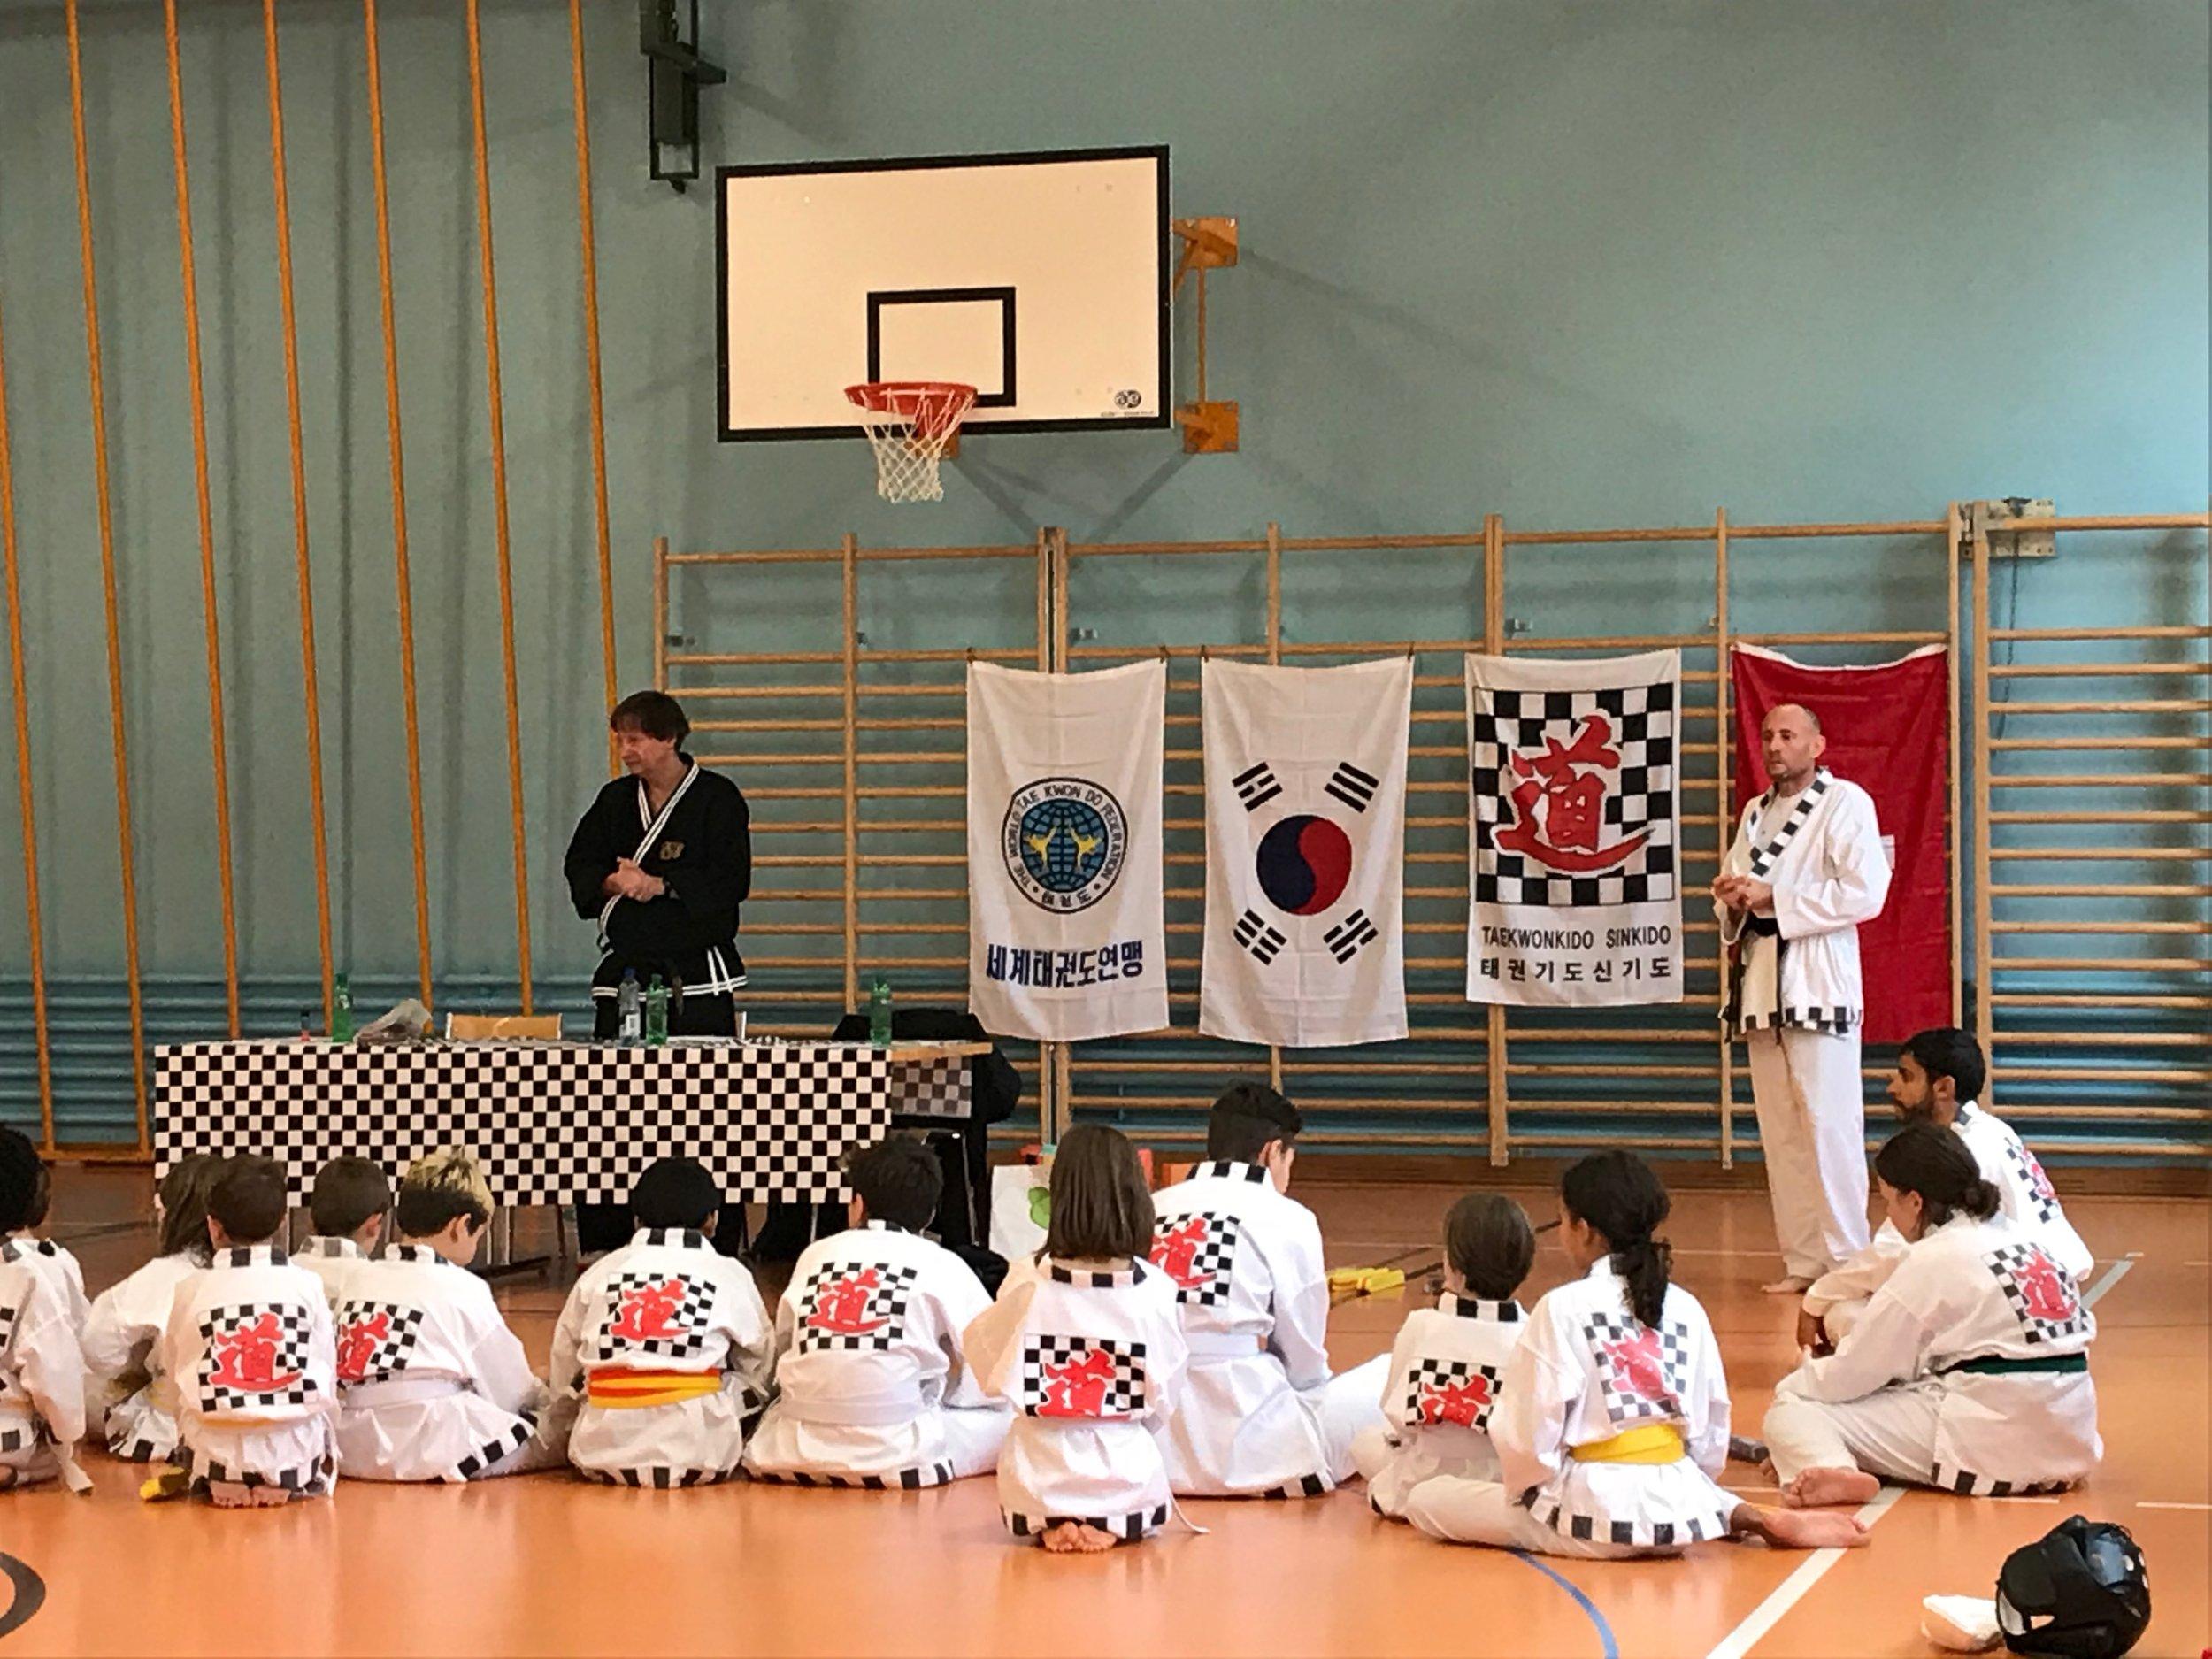 Maître Rémi Mollet und die Taekwondo-Schülerinnen und Schüler von Denis Faure (25. Nov. 2018 im Schulhaus Mühlebach)